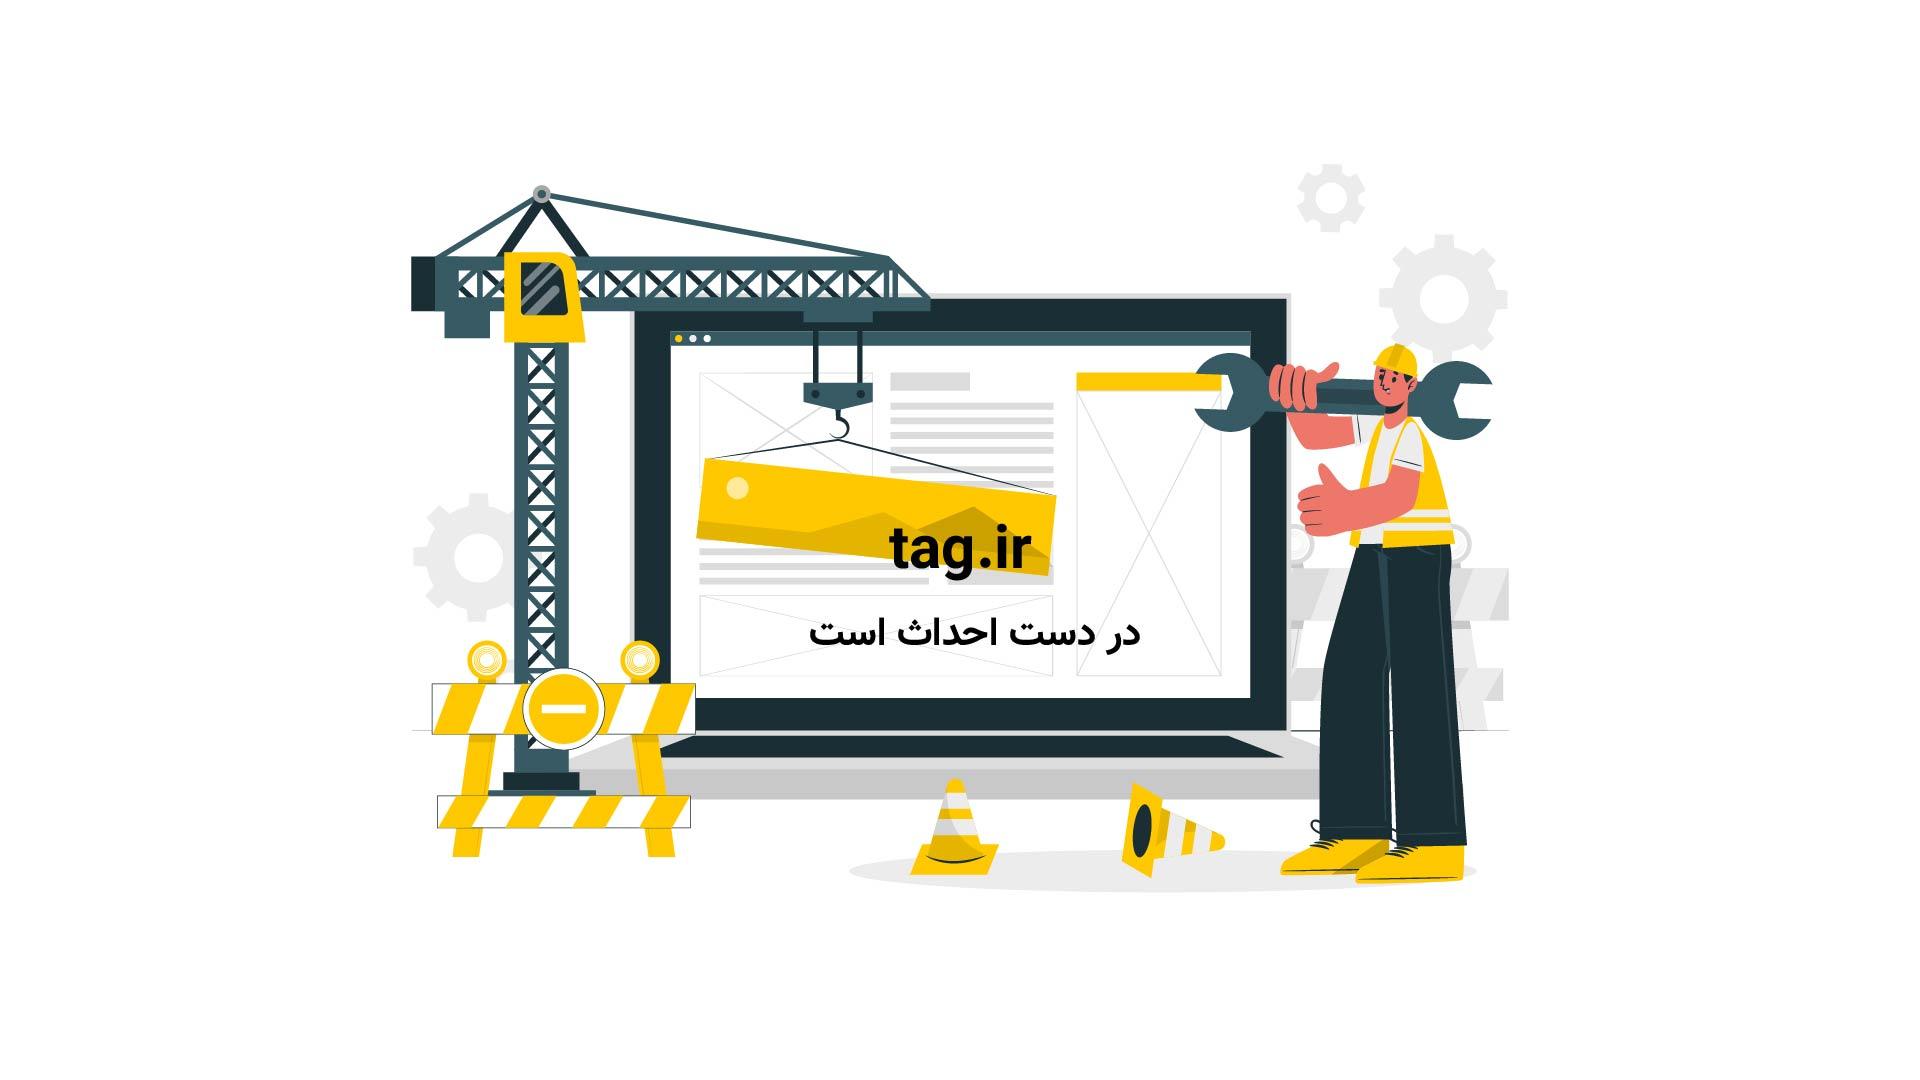 ماهی که از زیر آب پرنده شکار میکند | فیلم